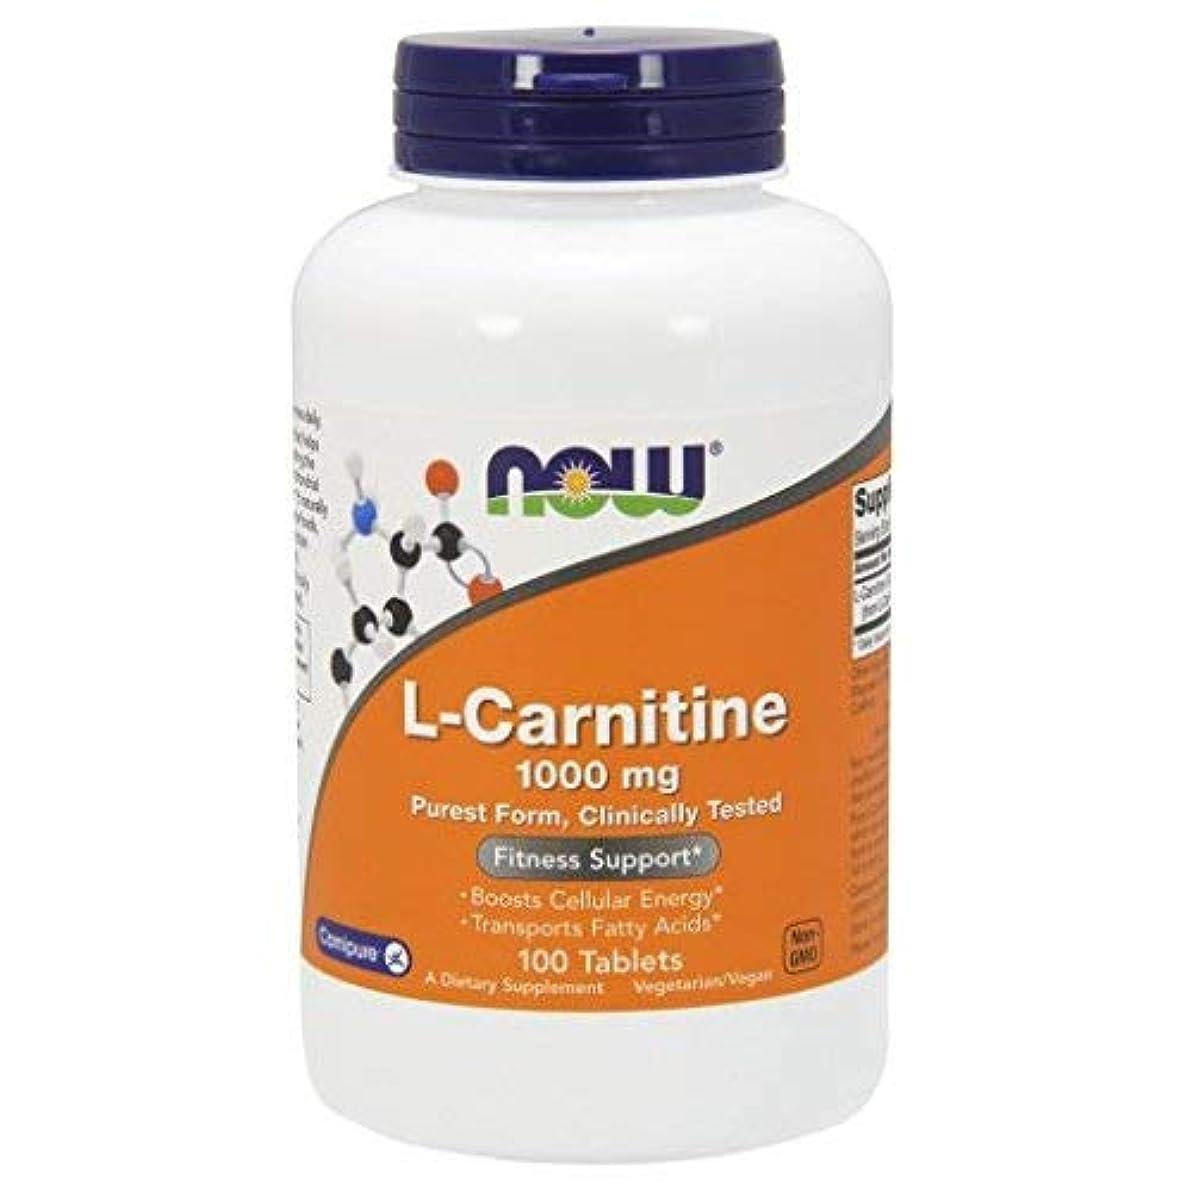 私たち自身食事に頼るL-カルニチン(1000mg) 100錠 海外直送品